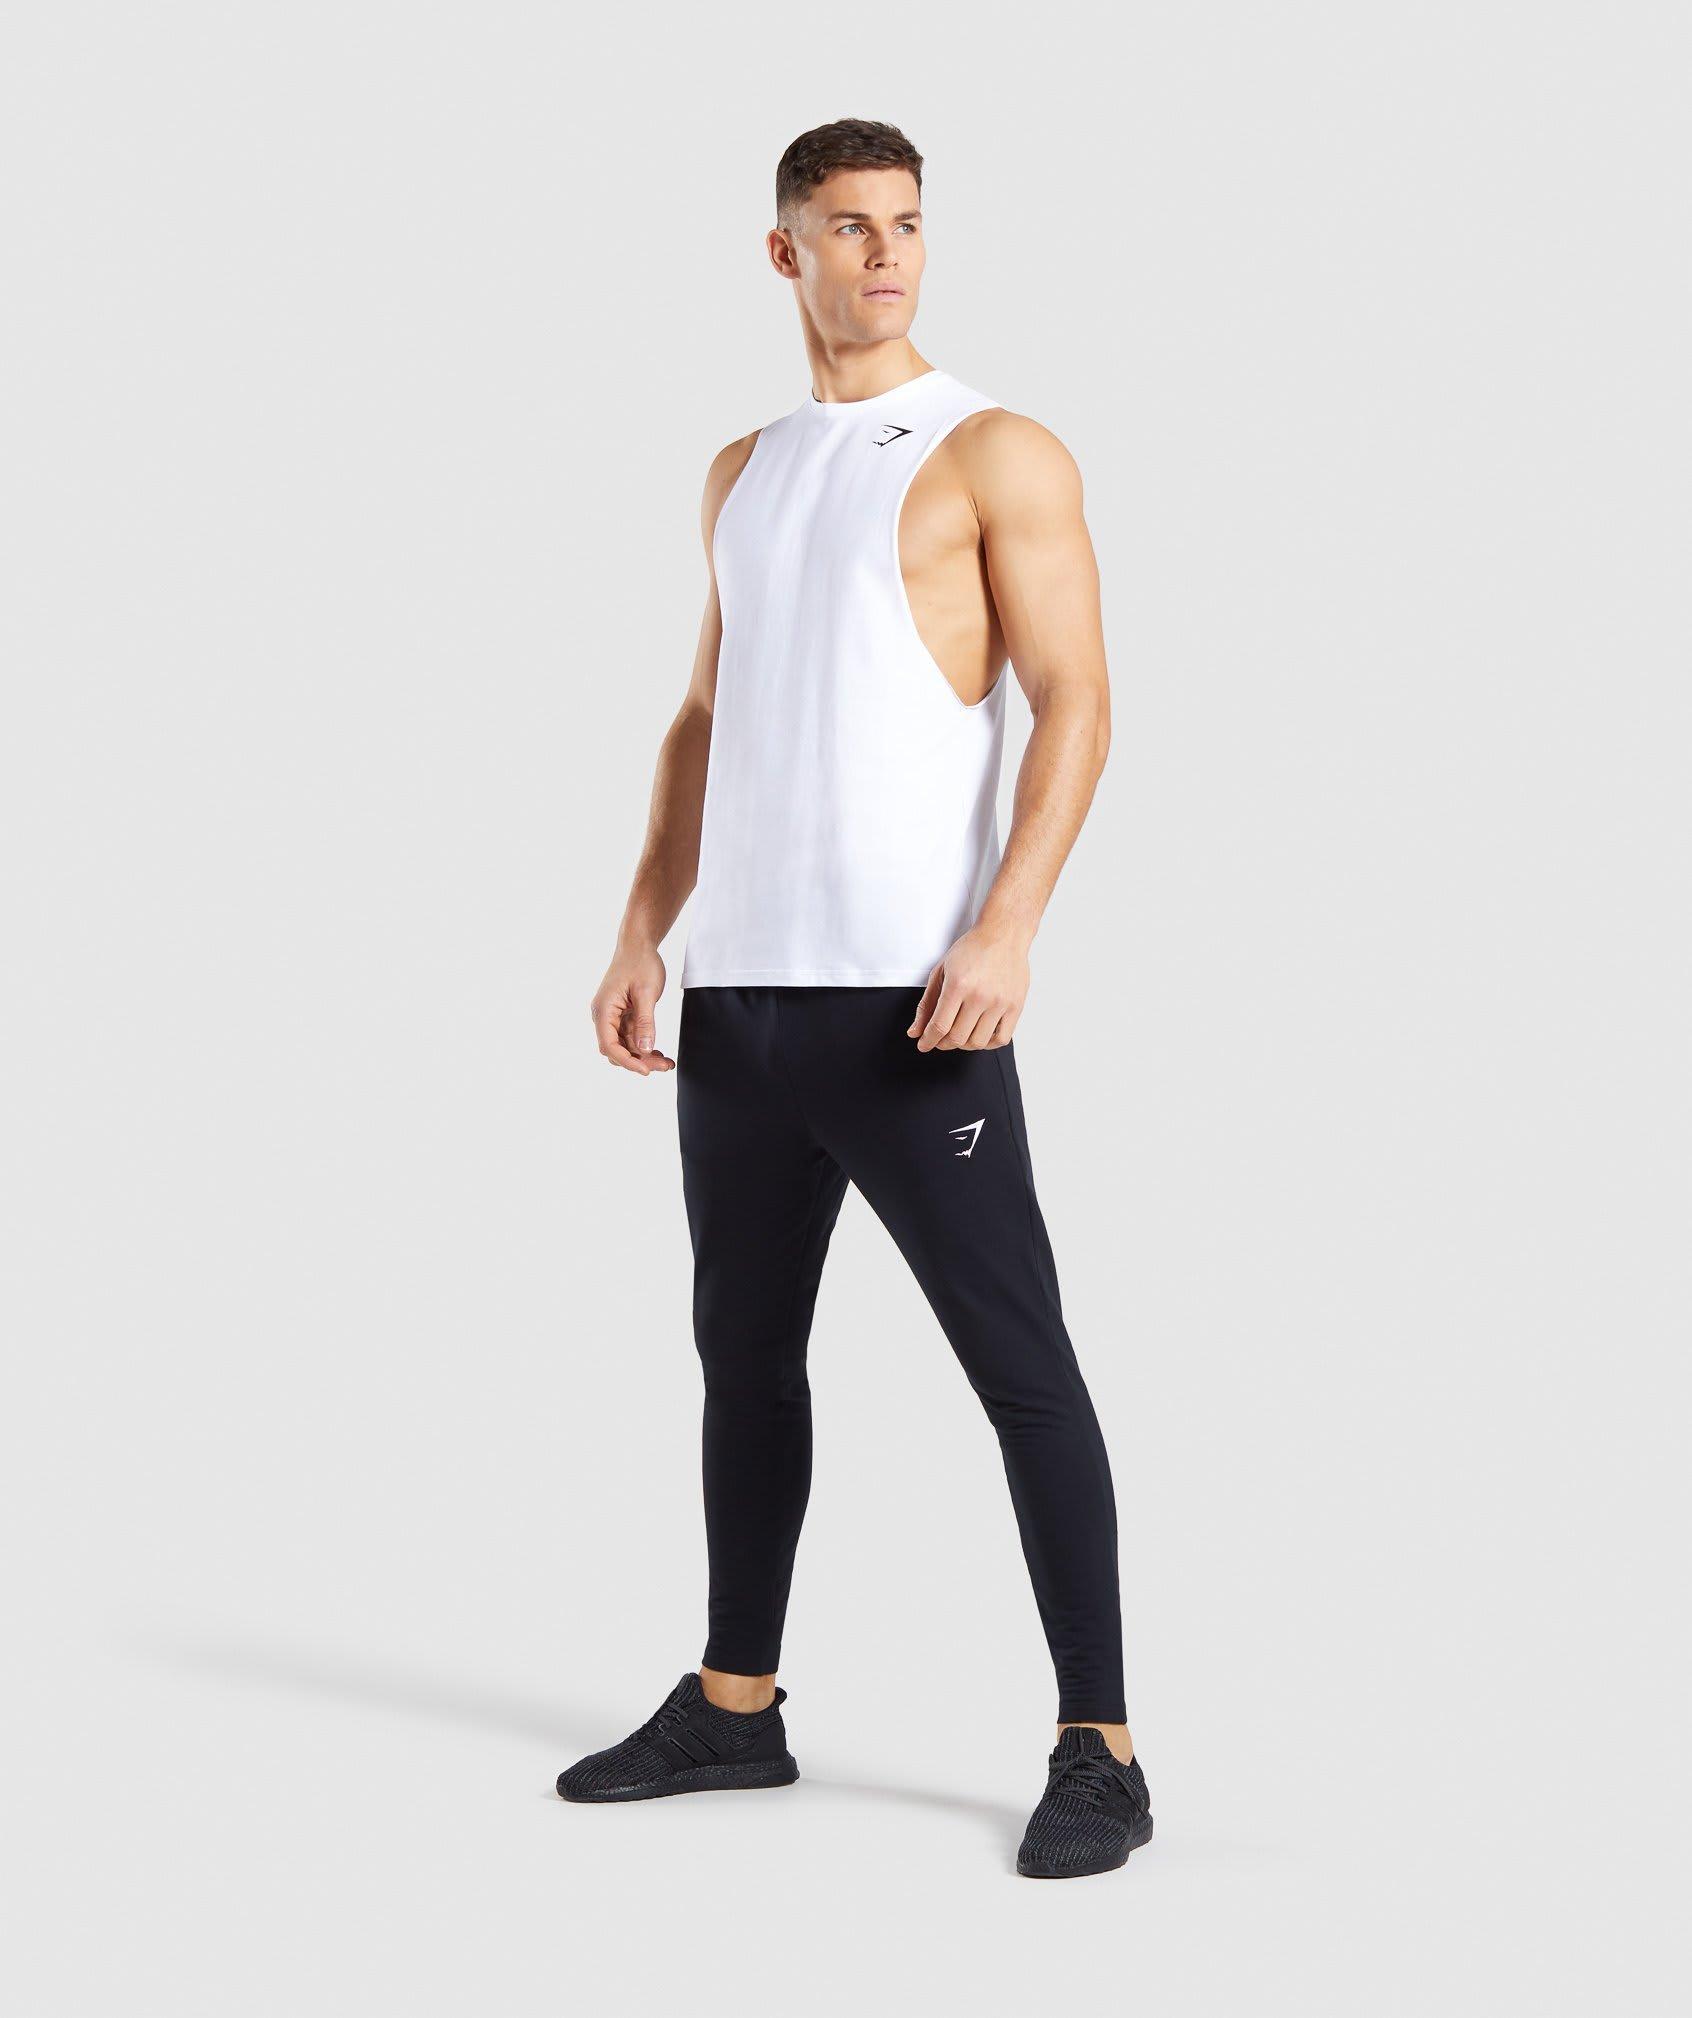 activewear looks men